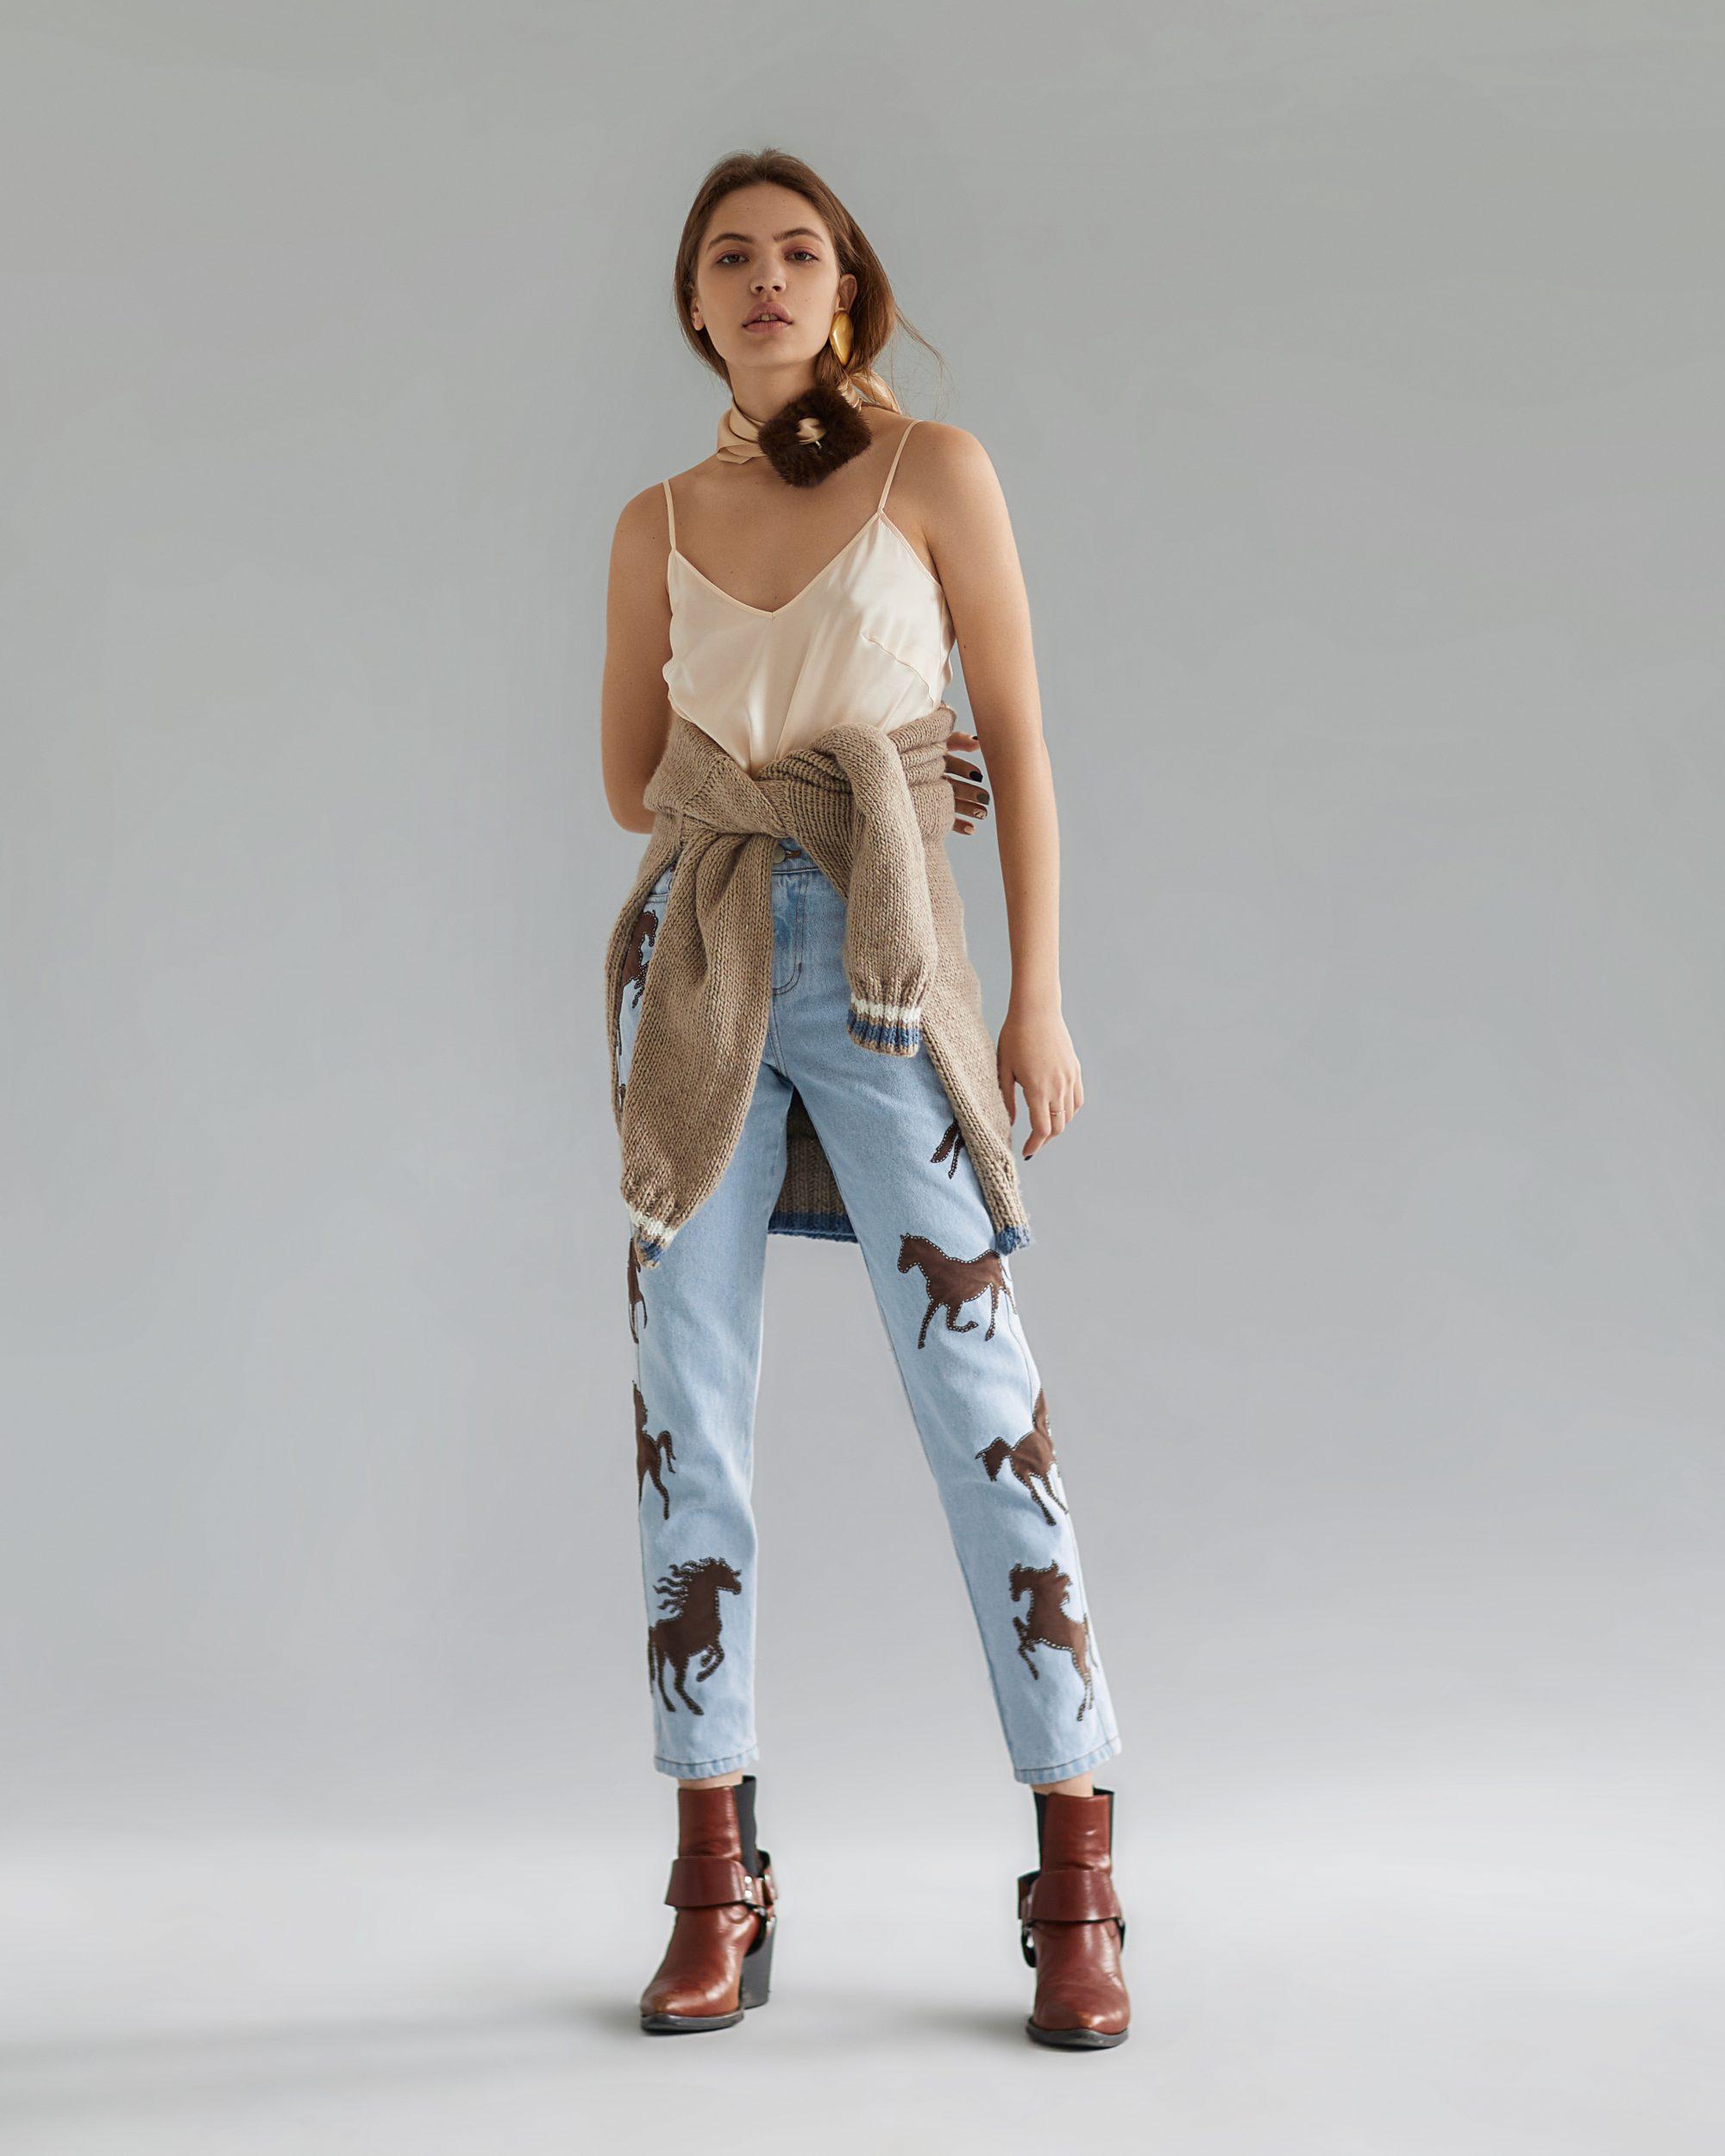 Модный образ с джинсами и топом на бретельках и кофтой на поясе в коллекции Tatman 2019